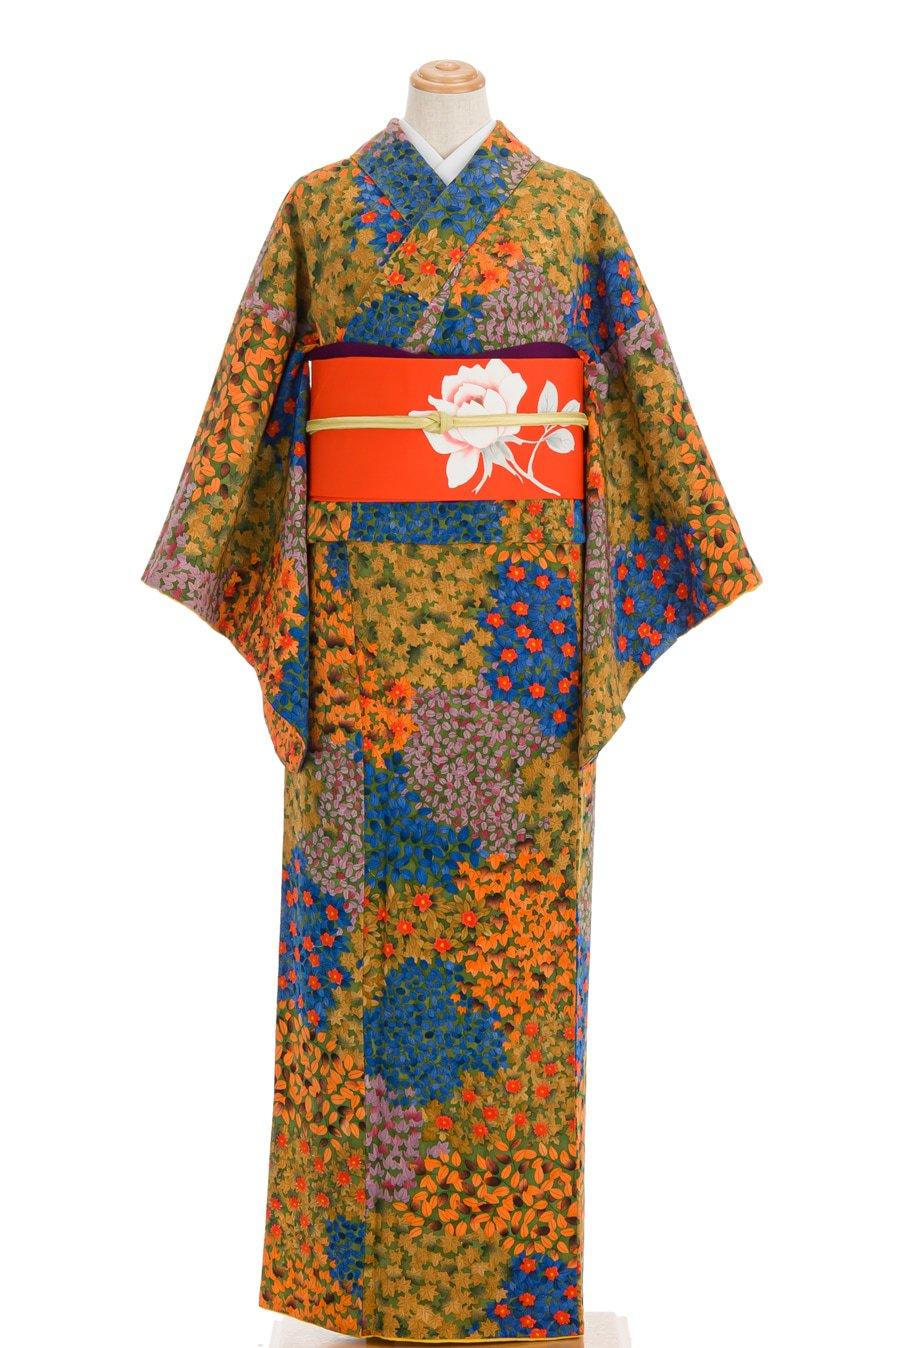 「椿 菊 蔦の葉 色彩豊かな花模様」の商品画像